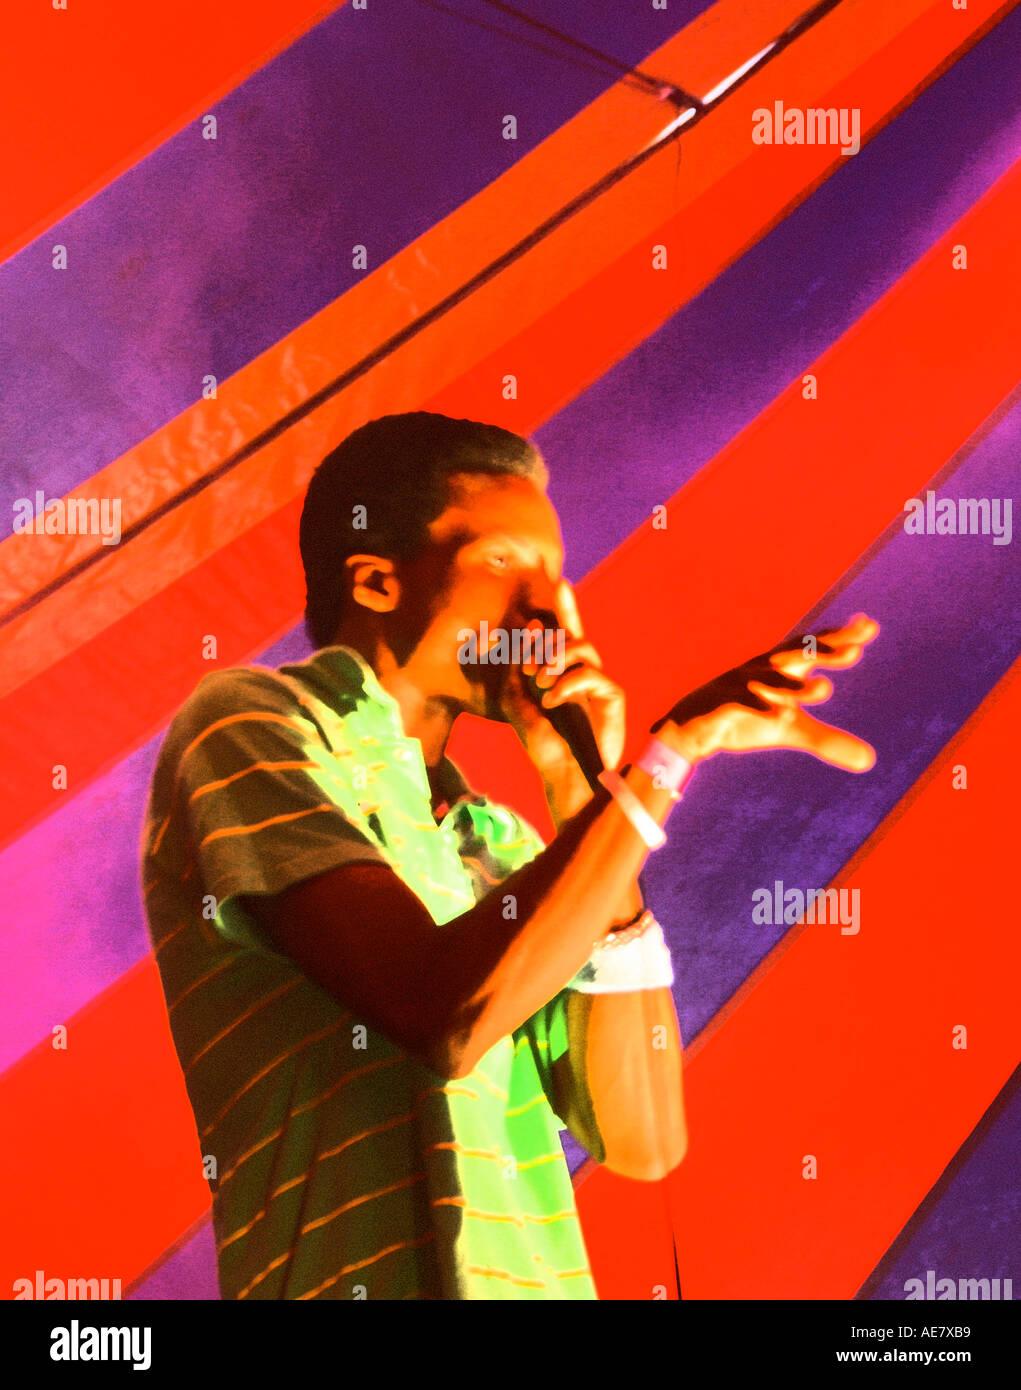 Beatbox Stock Photos Beatbox Stock Images Alamy